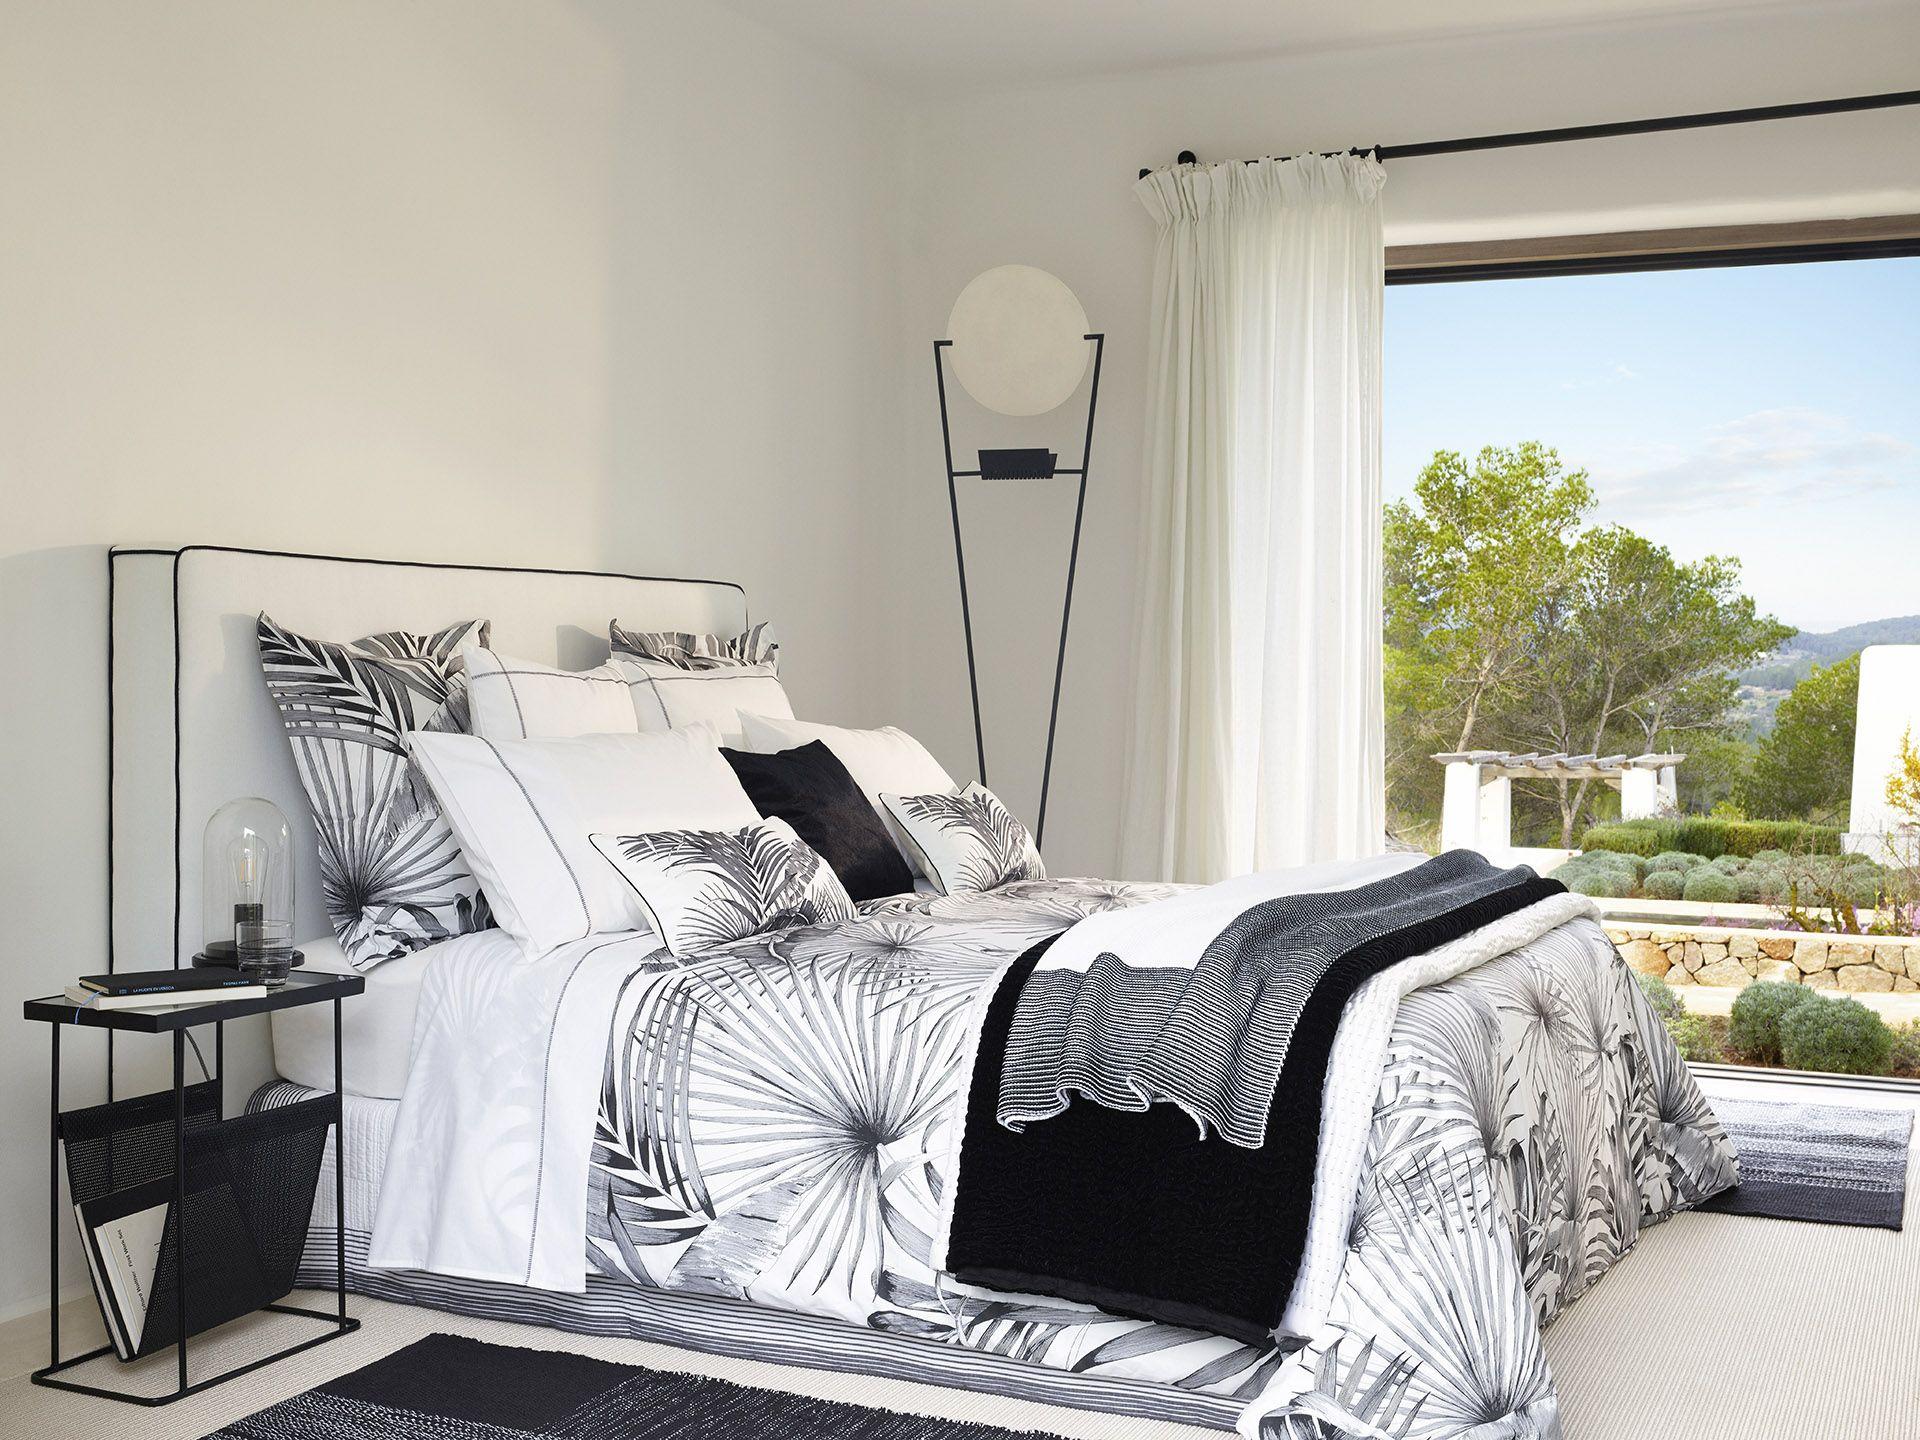 Zara home to open in toronto - Hotel Editorials Zara Home Espa A 2017